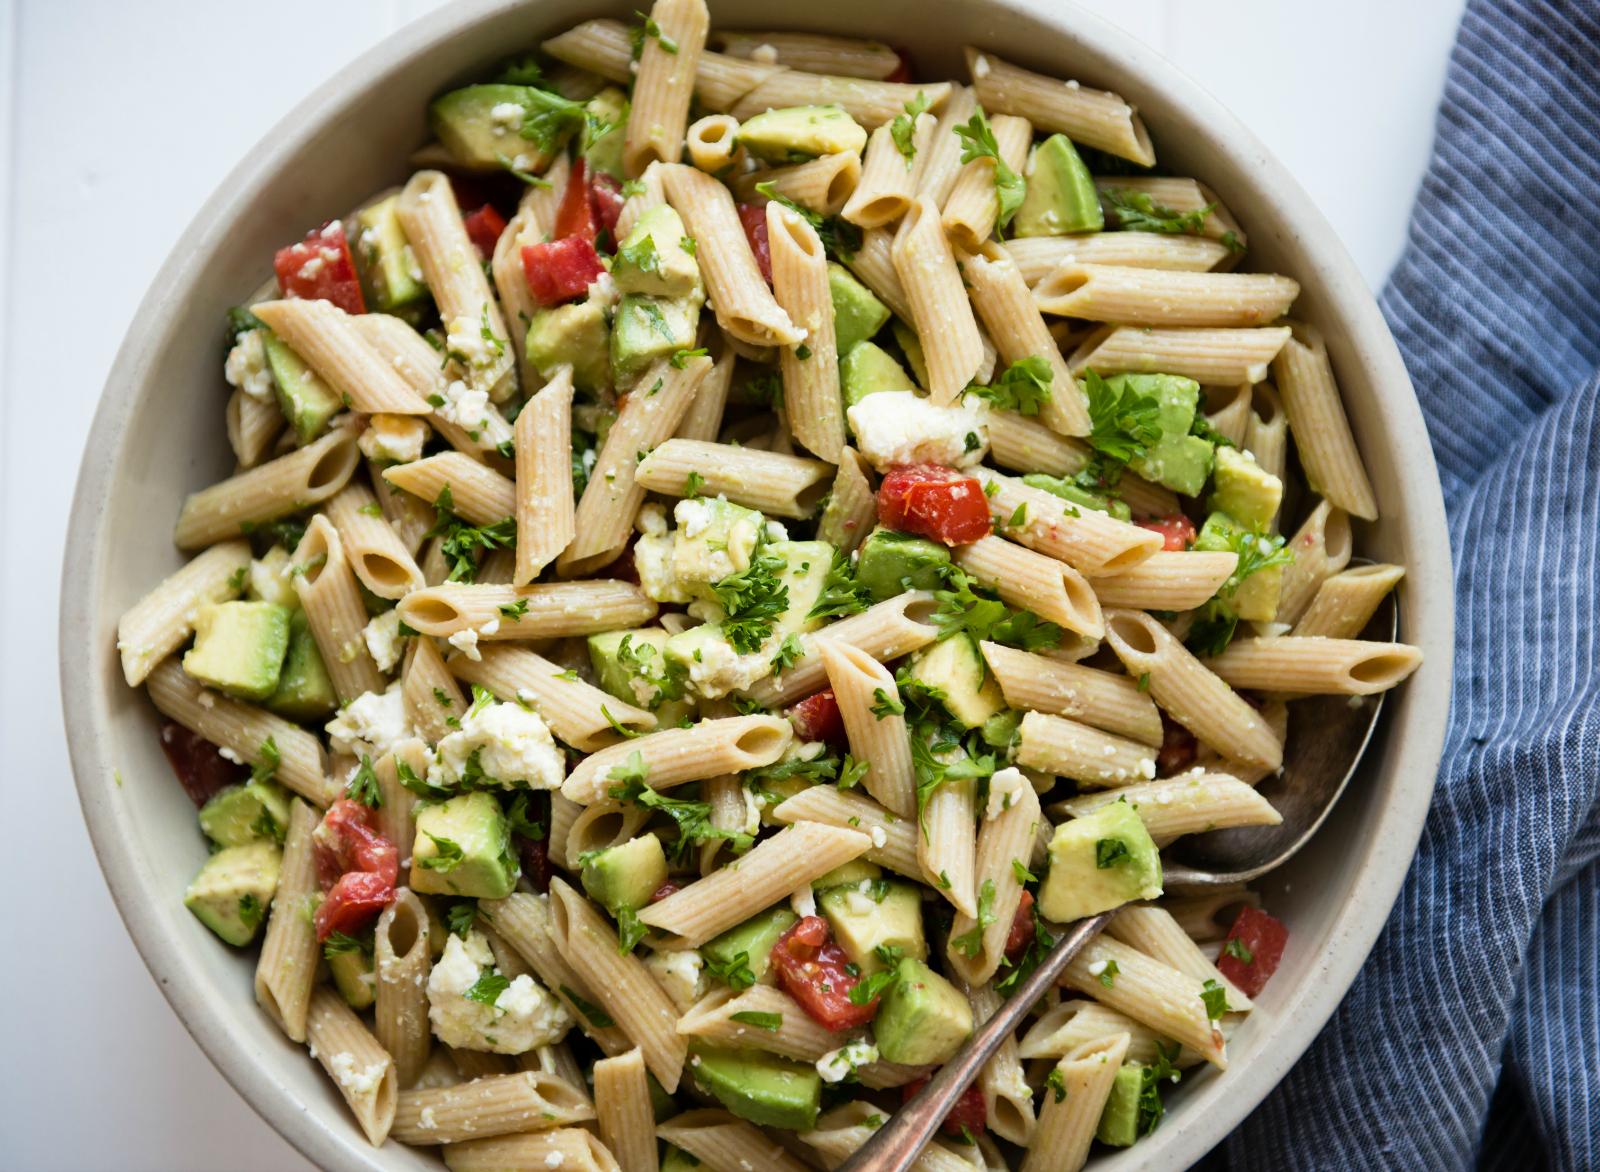 Leftover pasta salad in bowl